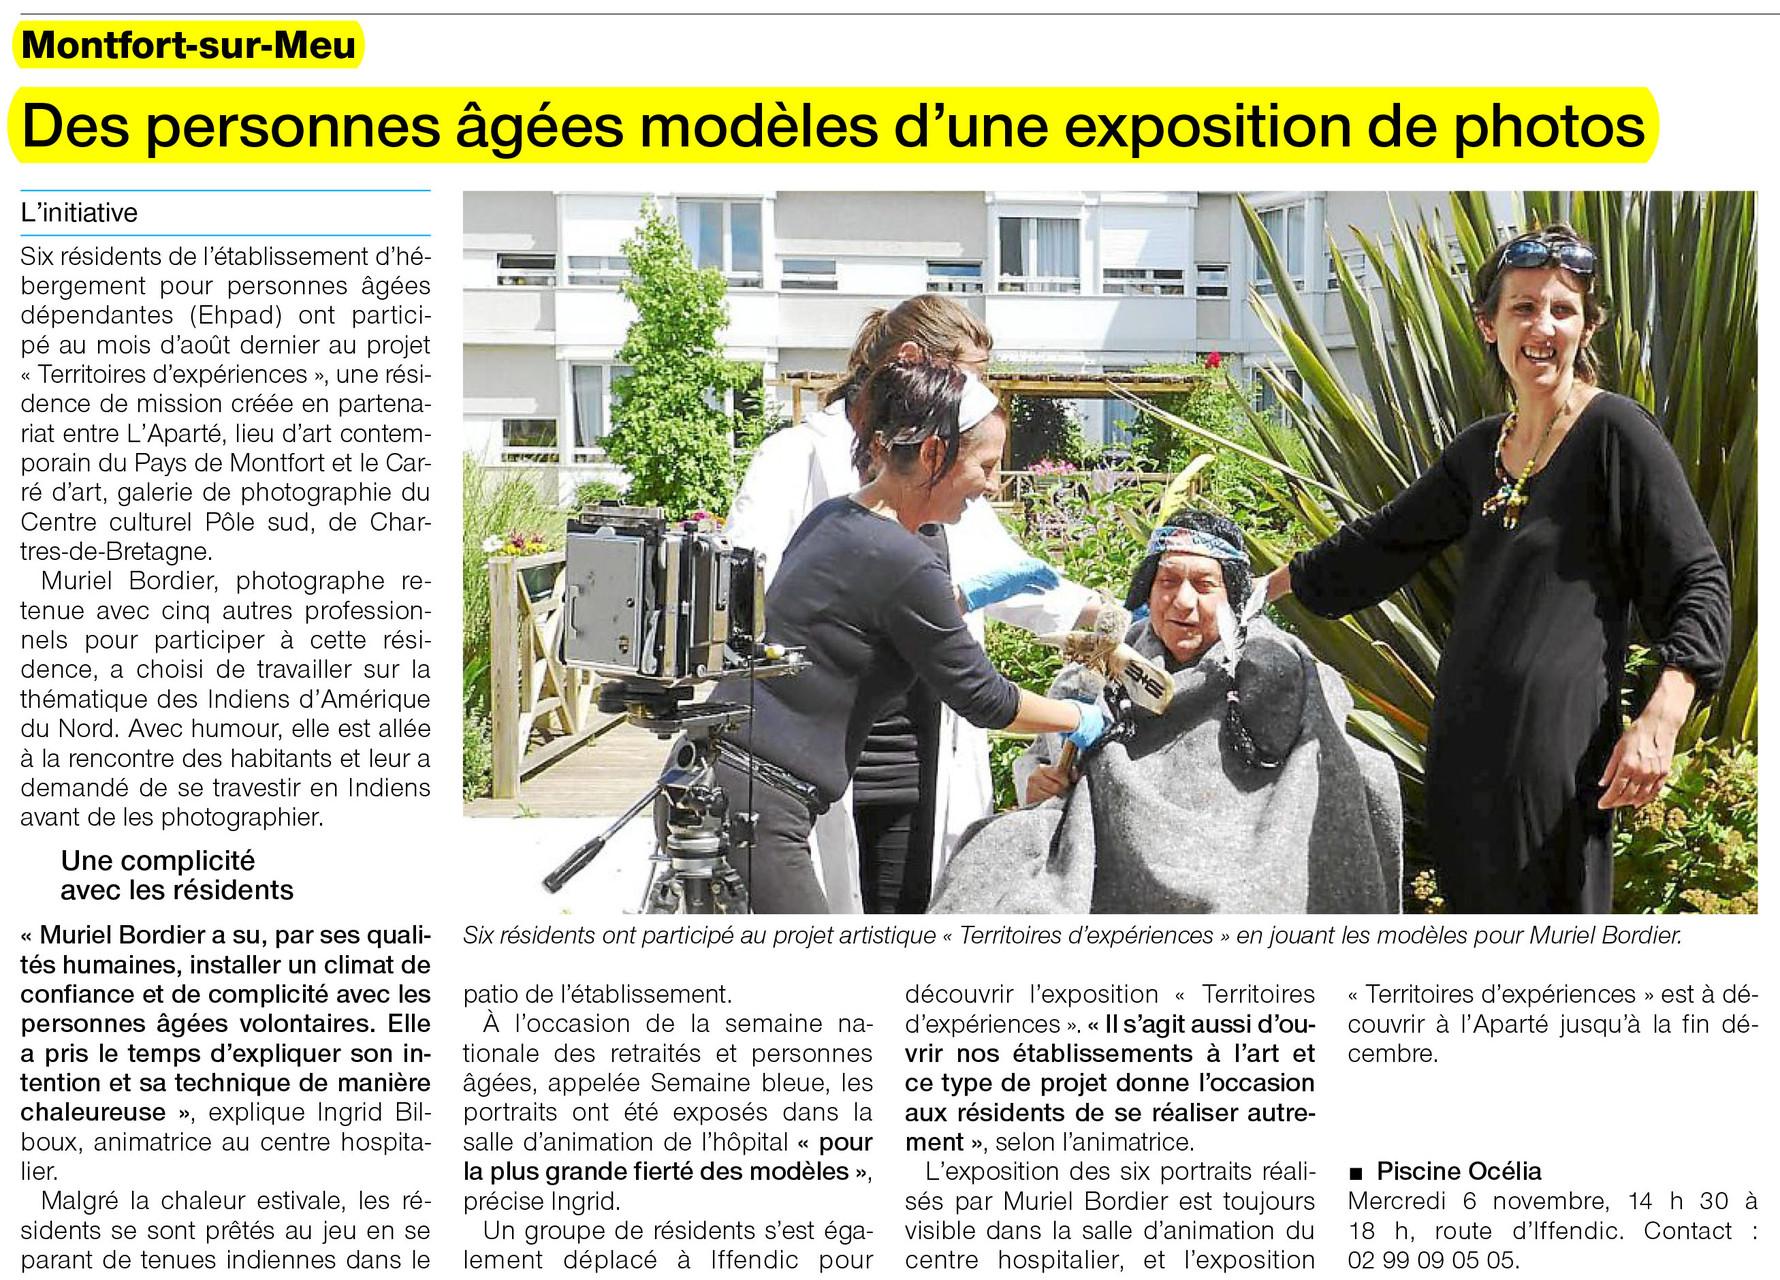 Ouest-France - 6 novembre 2013